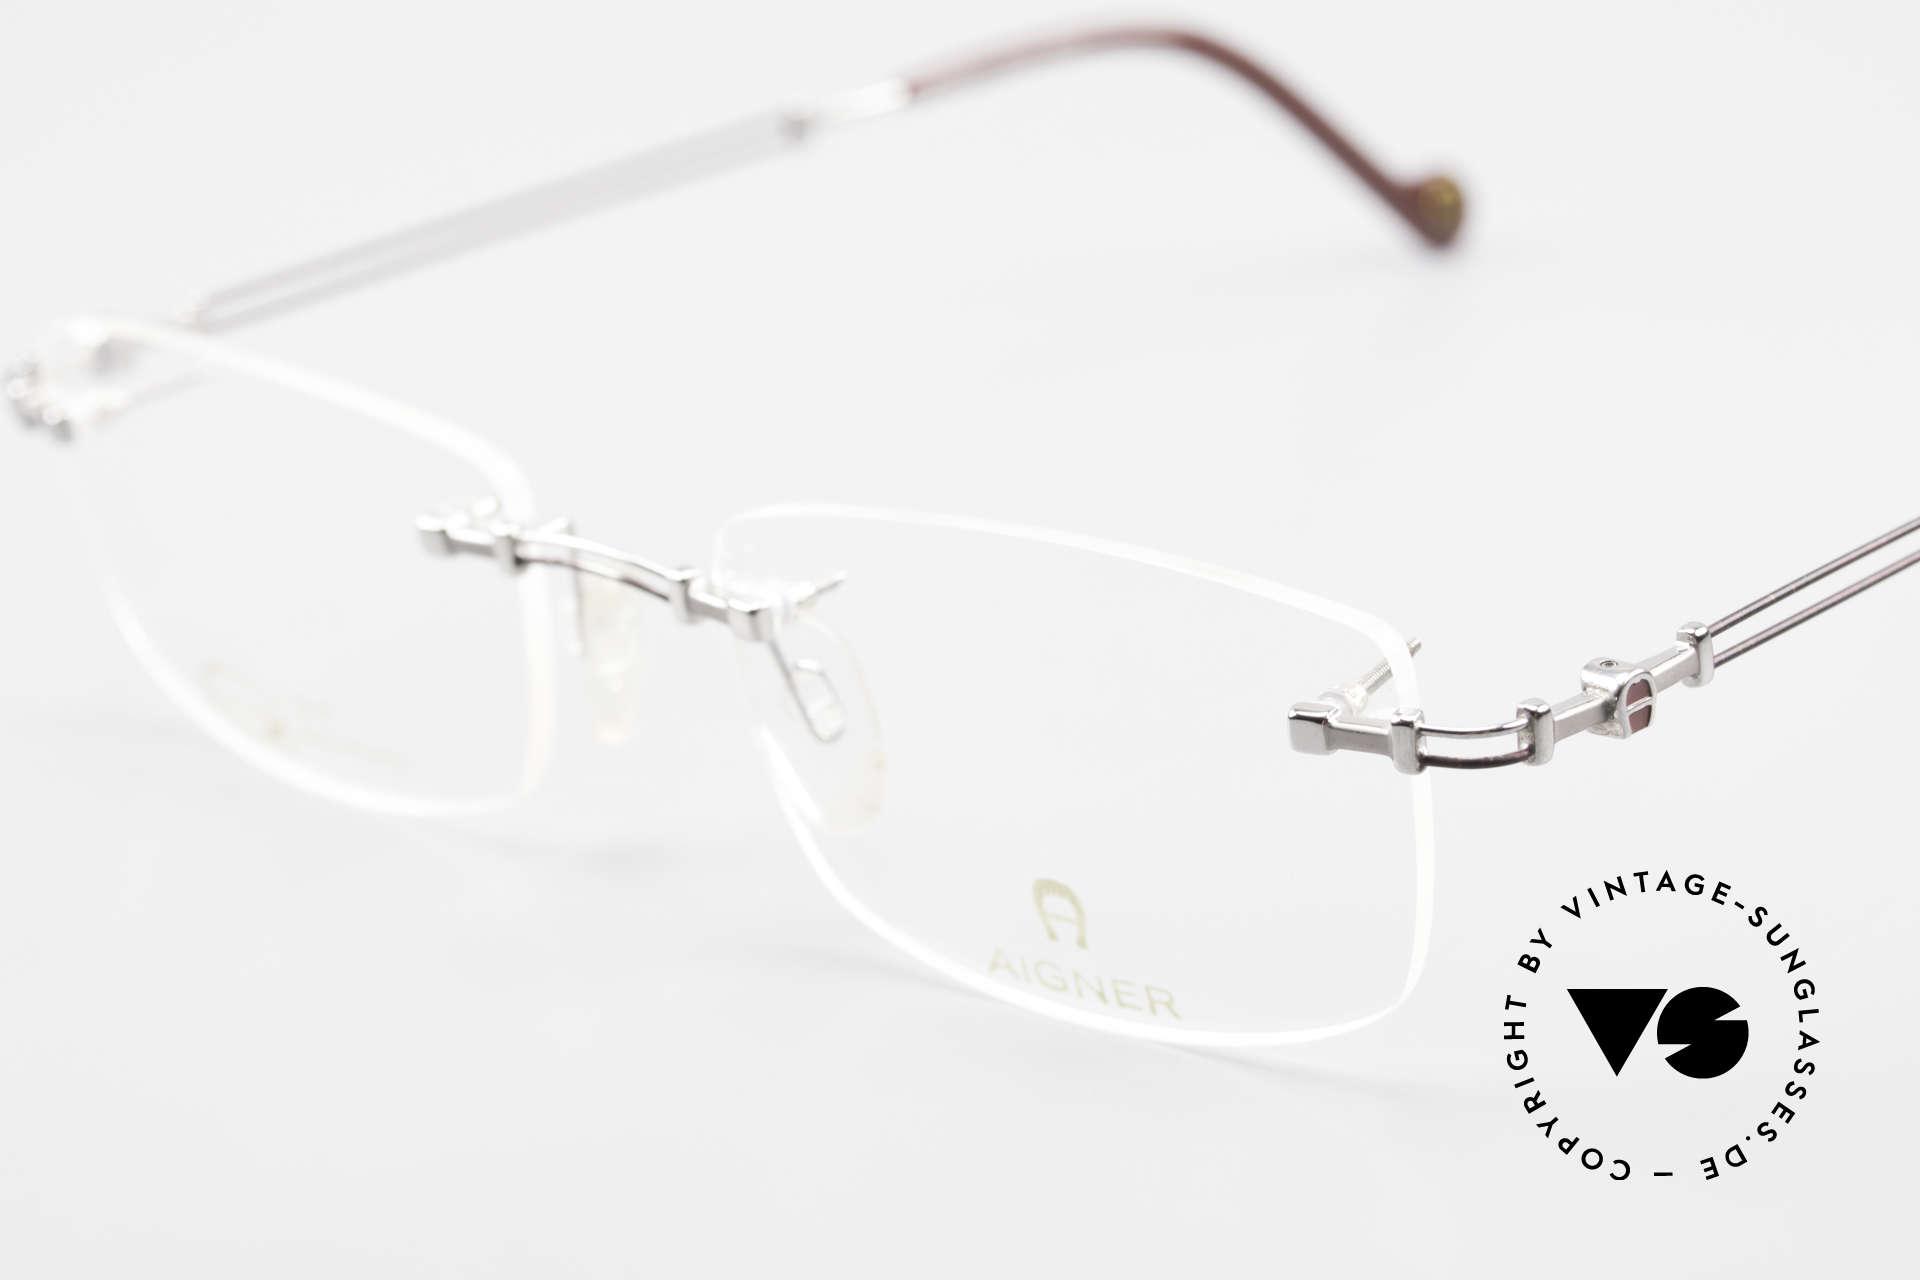 Aigner EA498 Randlose Vintage Brille 90er, allergiefrei & teils 18kt vergoldet (angenehm zu tragen), Passend für Herren und Damen